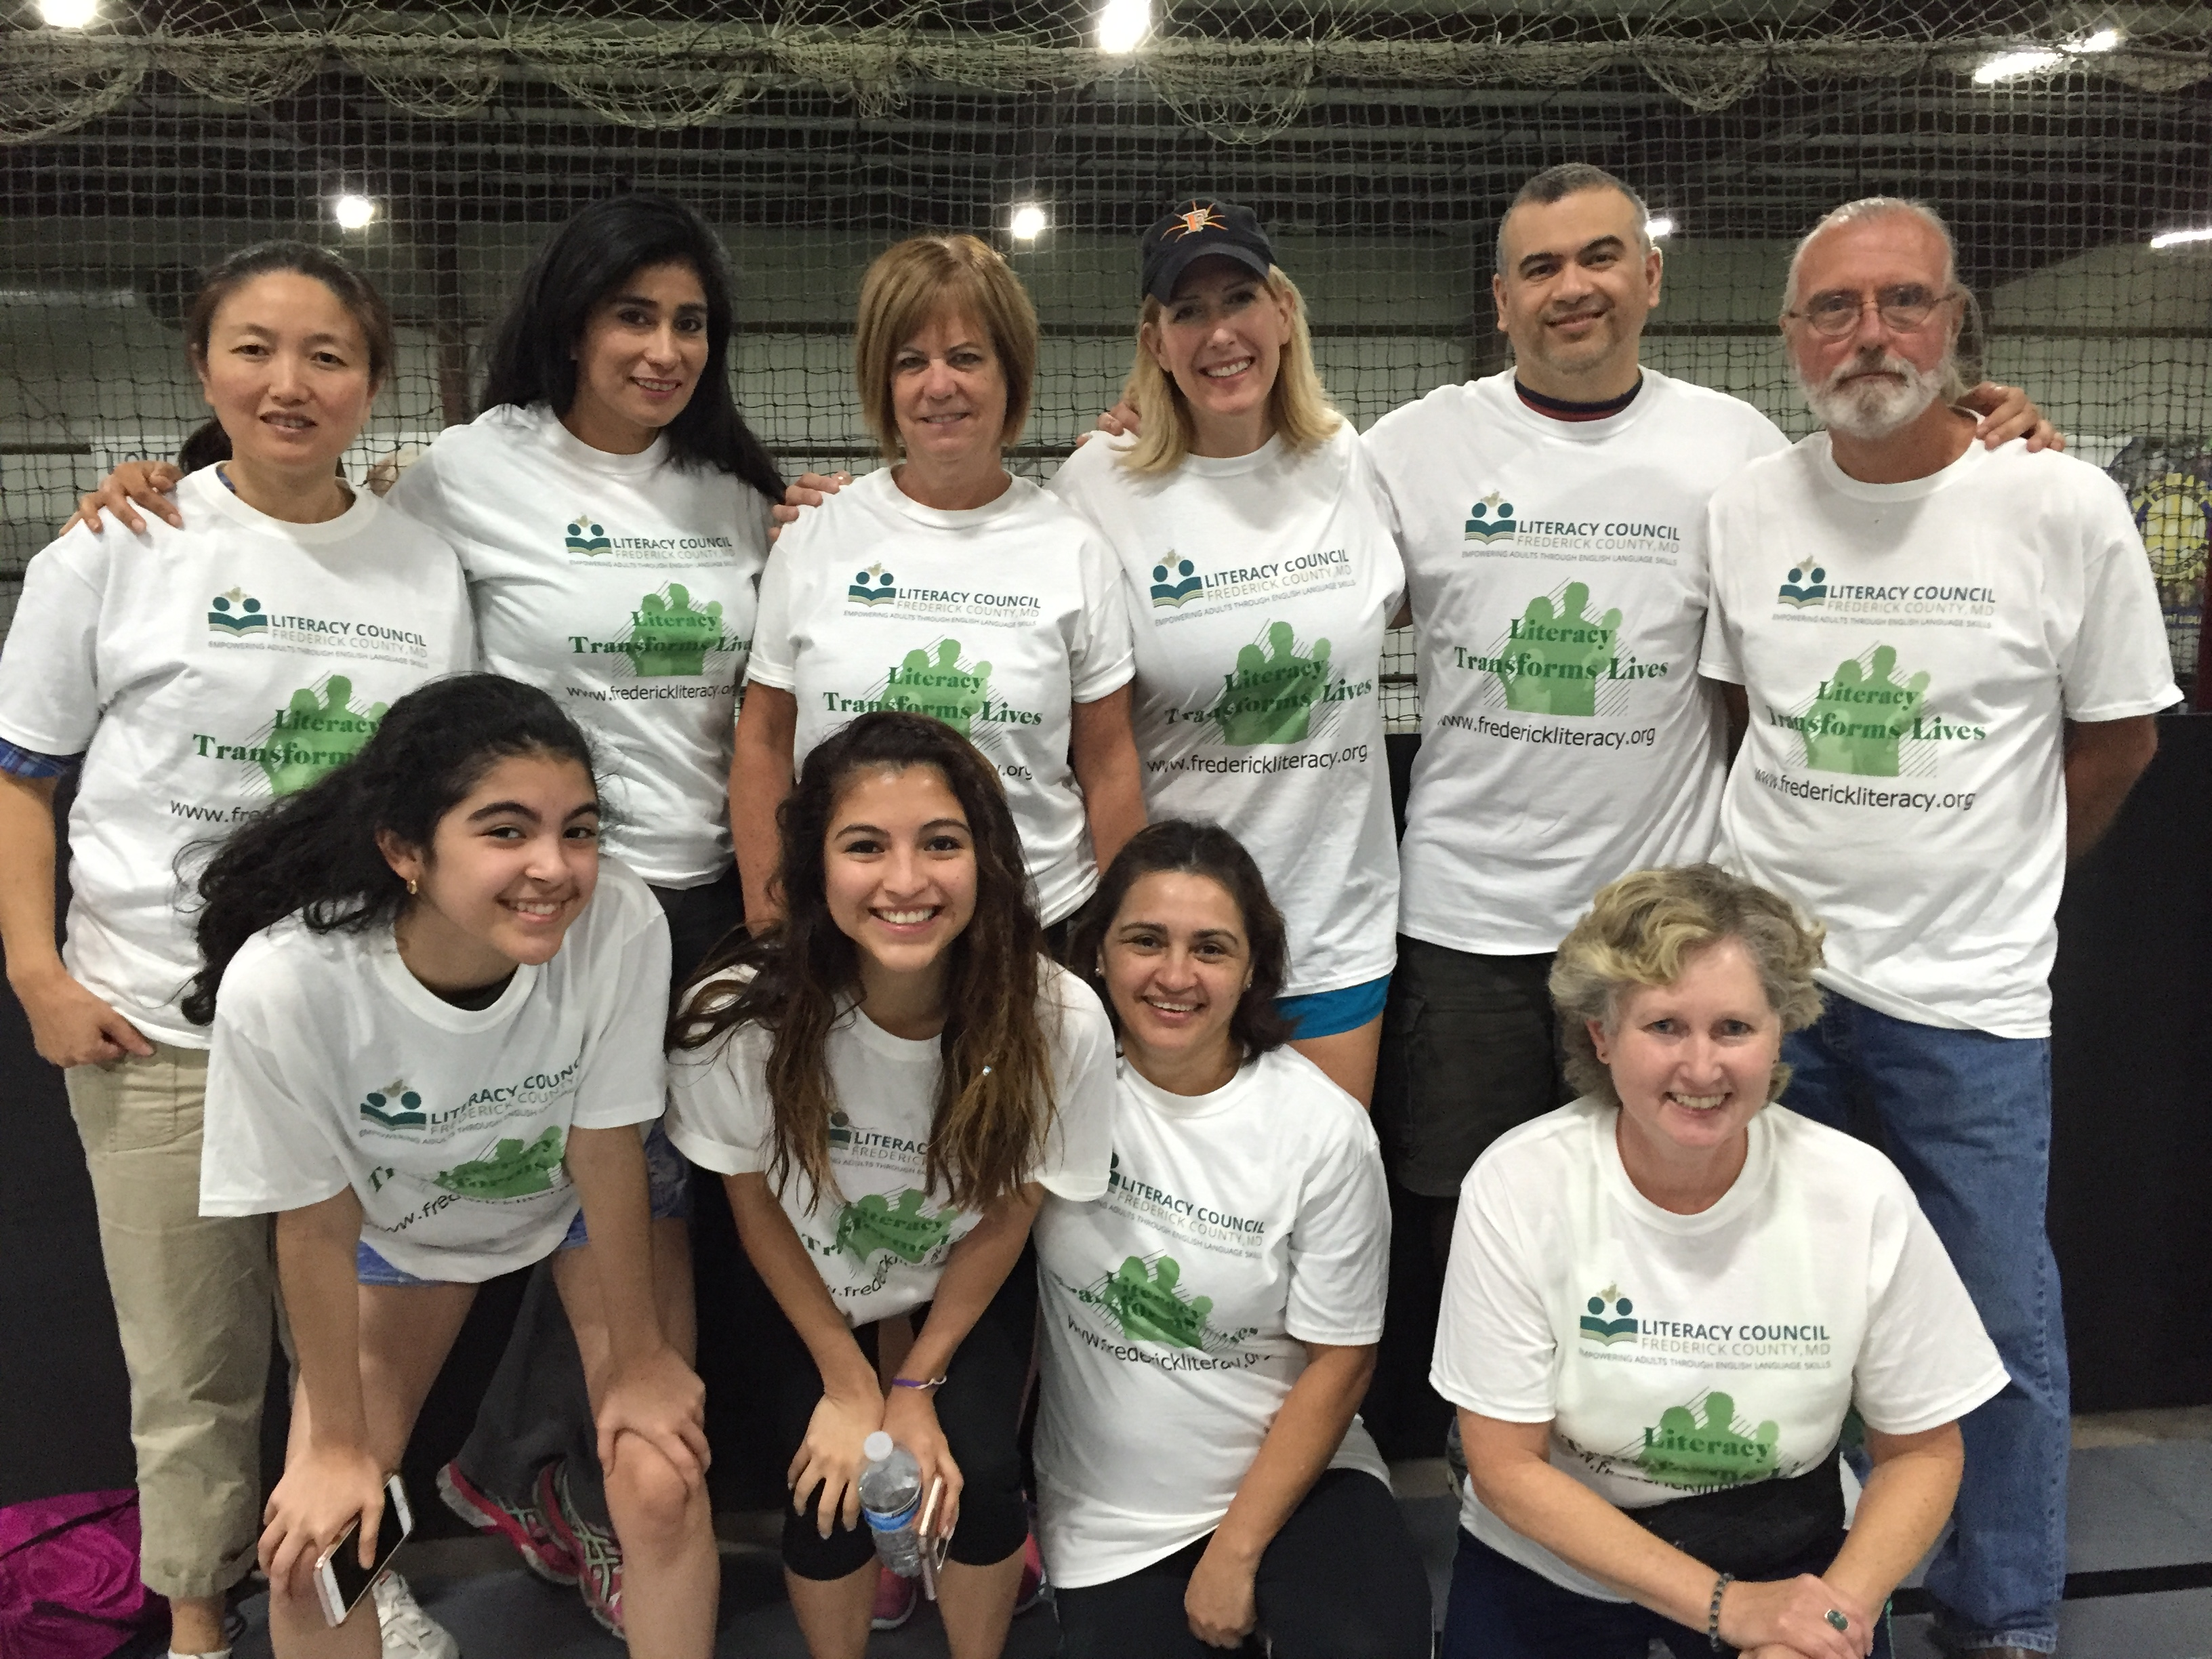 Unity olympiad team